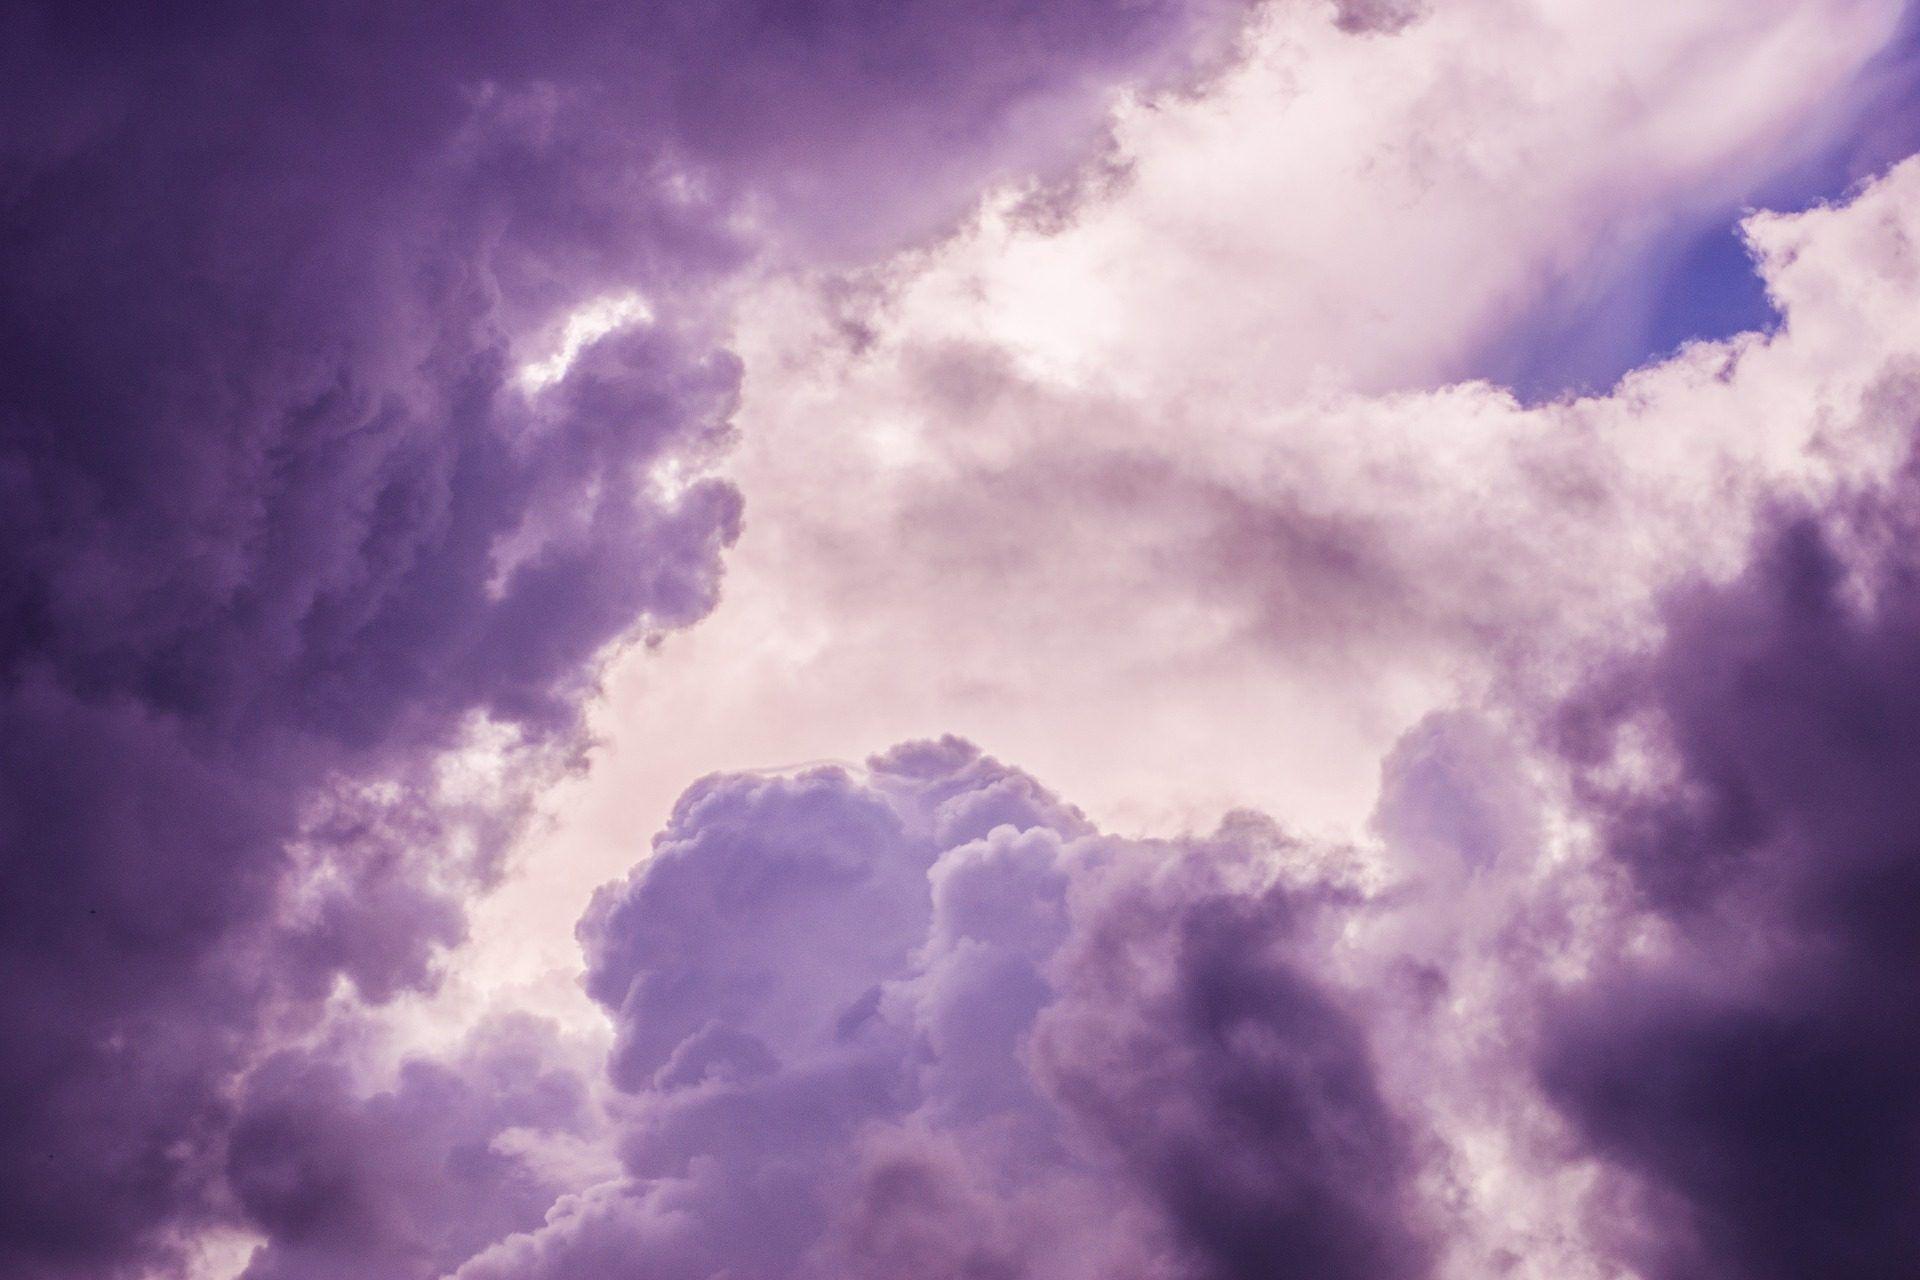 Cielo, Nubes, Moradas, Nublado, Tormenta, 1710112030